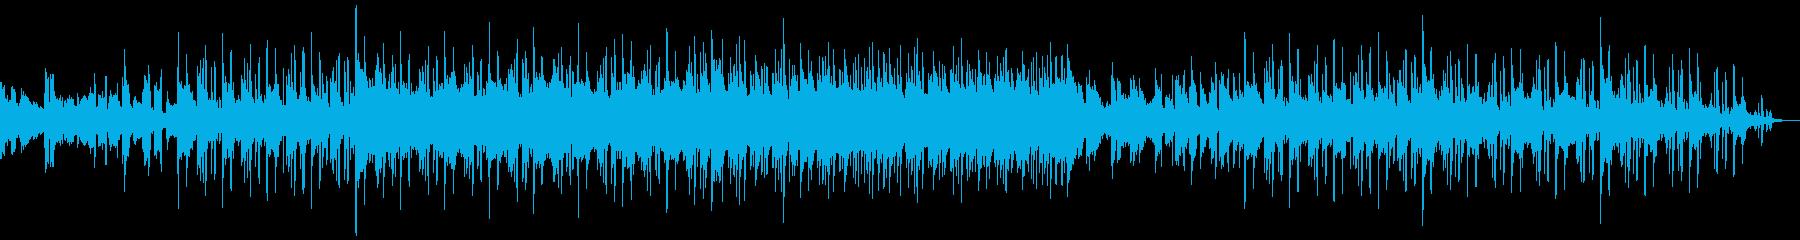 アンニュイでお洒落な感じのBGMの再生済みの波形